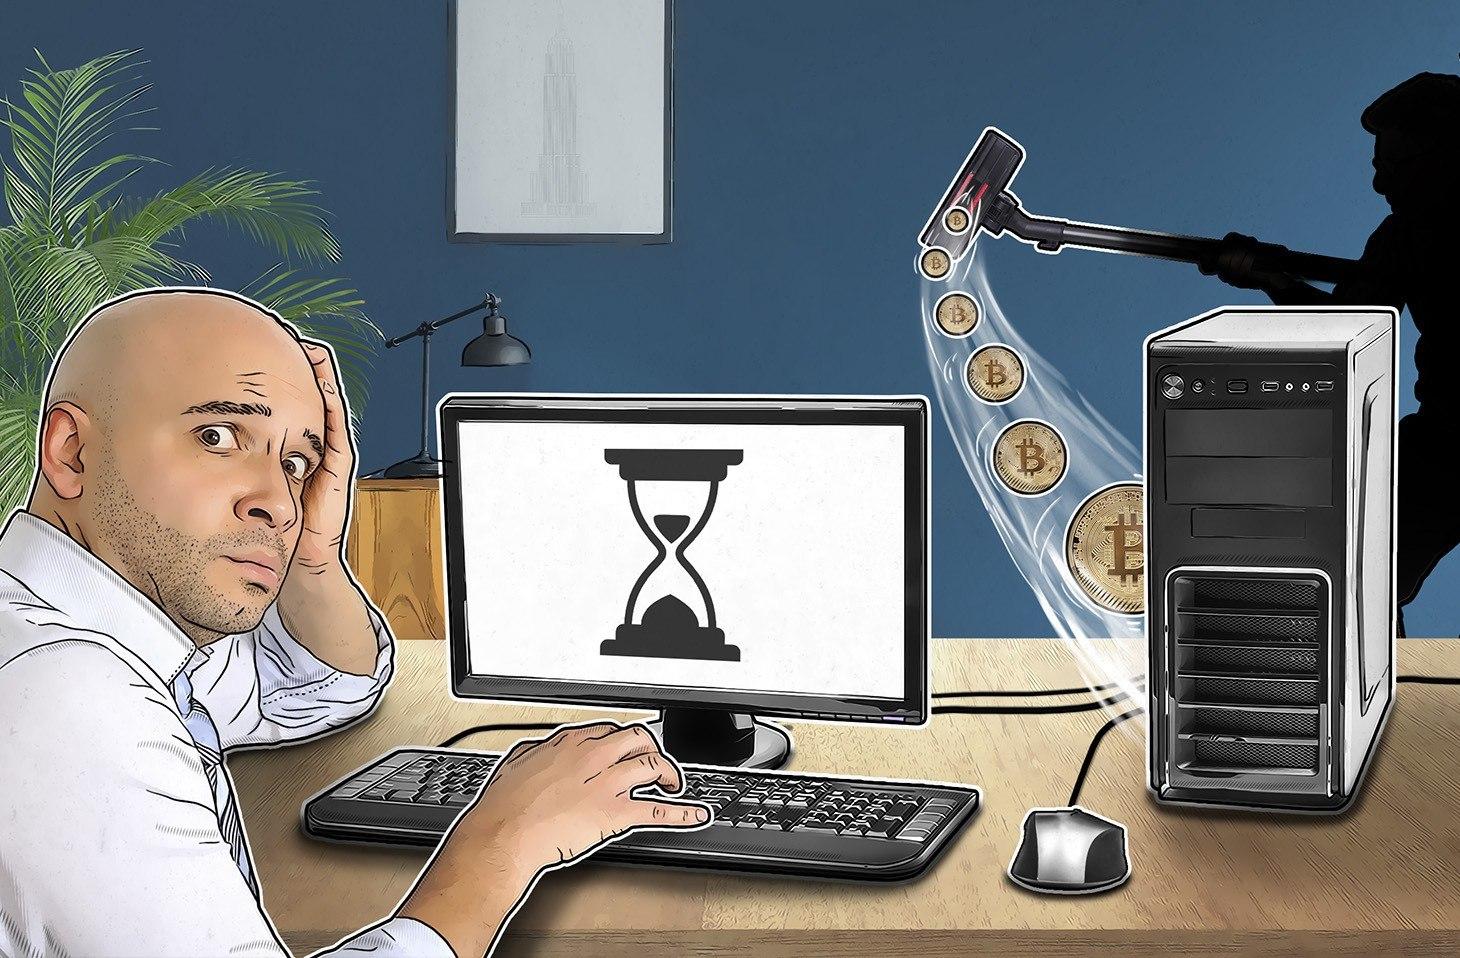 虛疑貨幣與你無關? 從加密勒索到網上礦工的進化